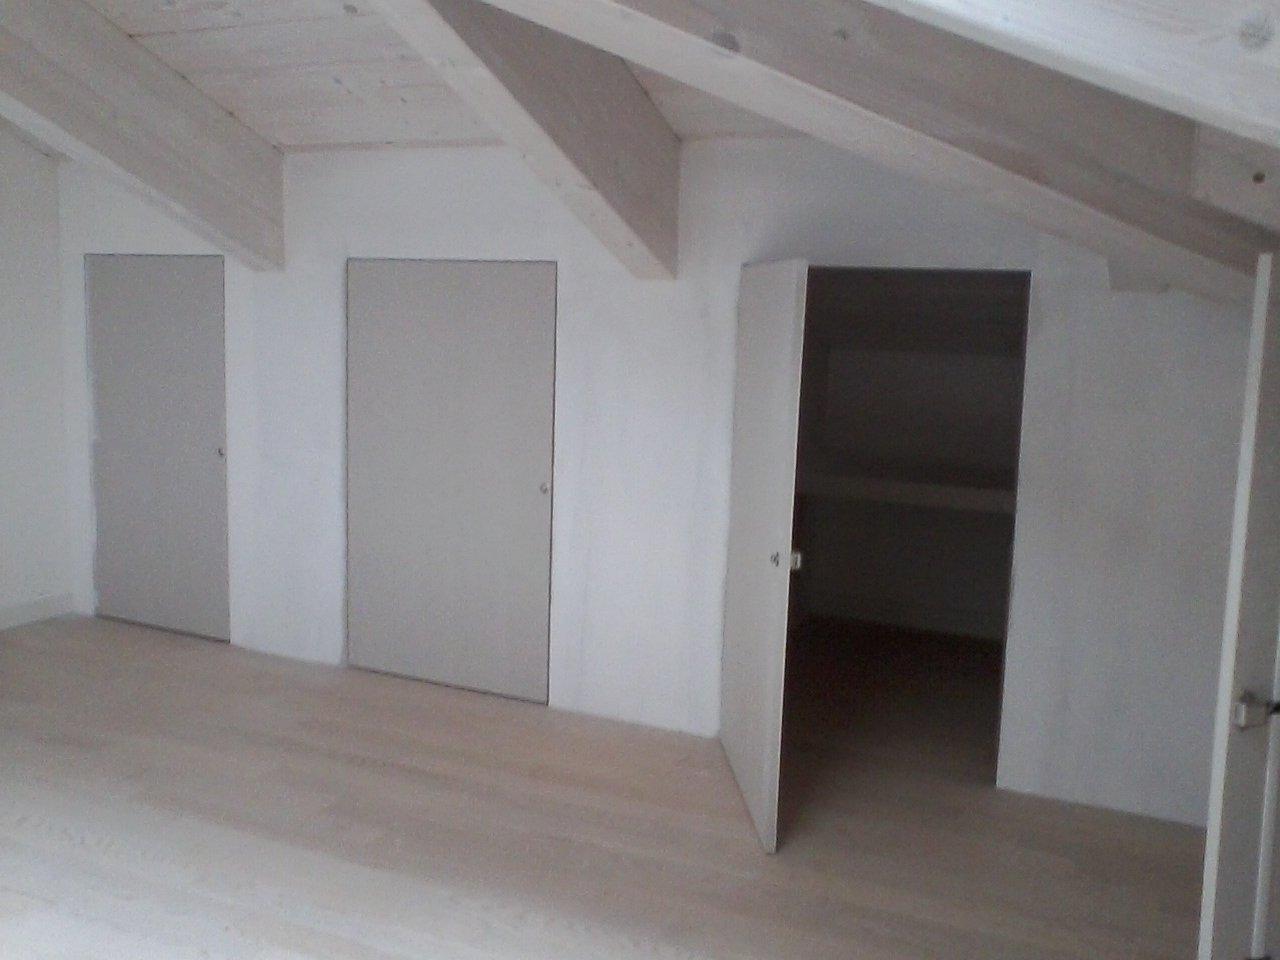 tre porte di cui una aperta in un sottotetto